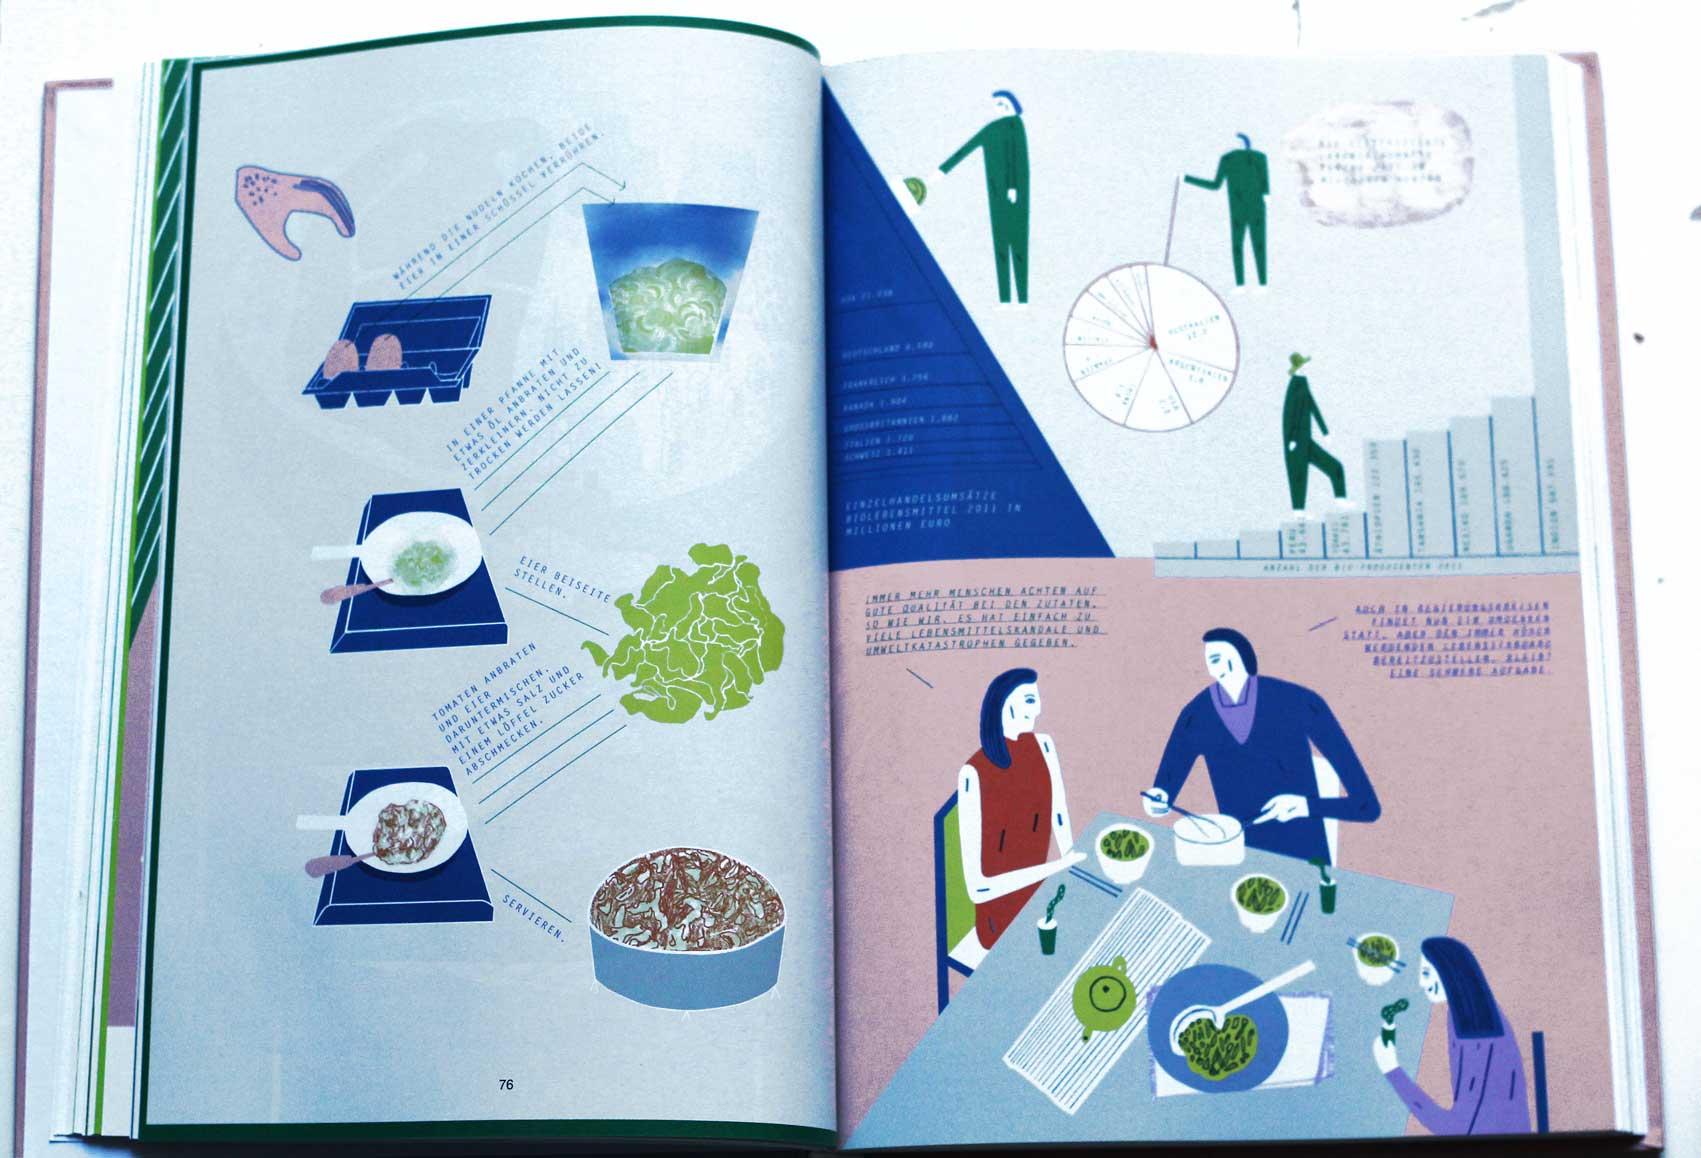 Anthropozän-Küche